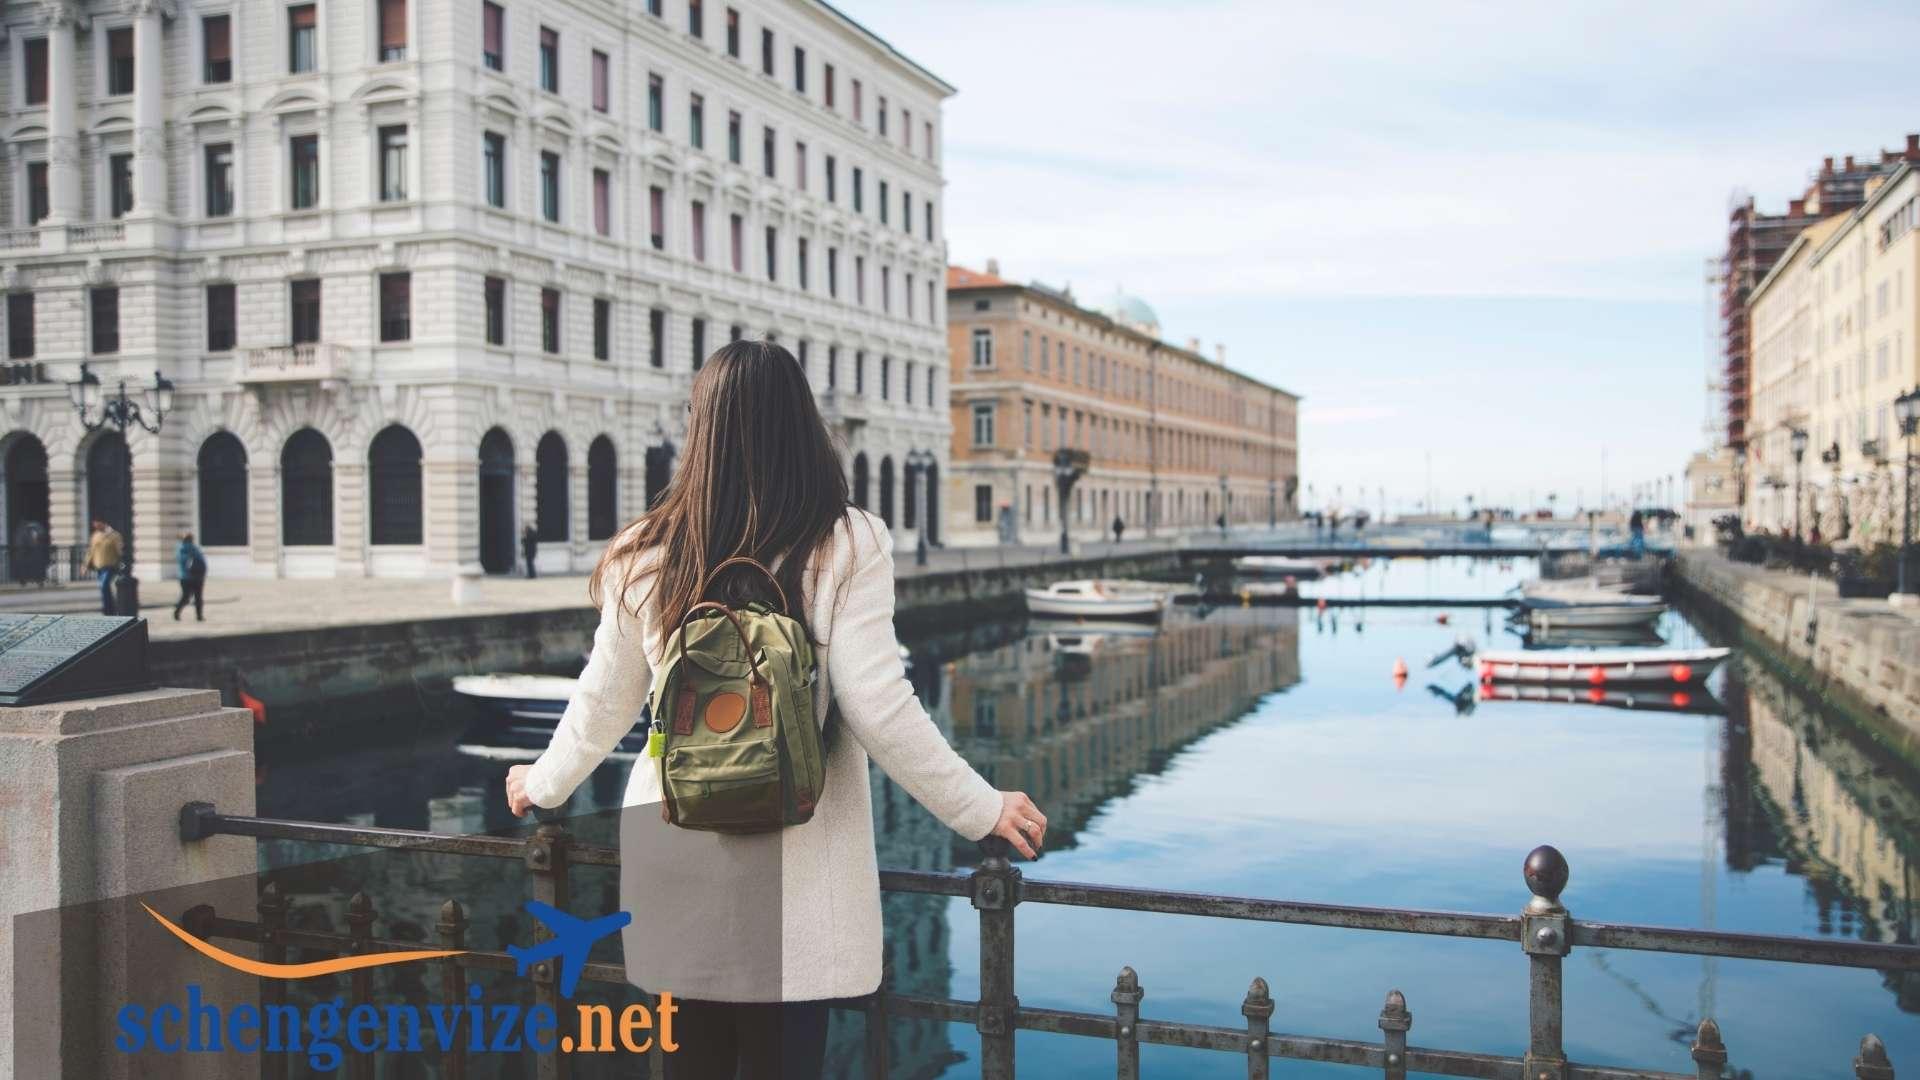 İtalya Turistik Vize için gerekli evraklar açıklamaları